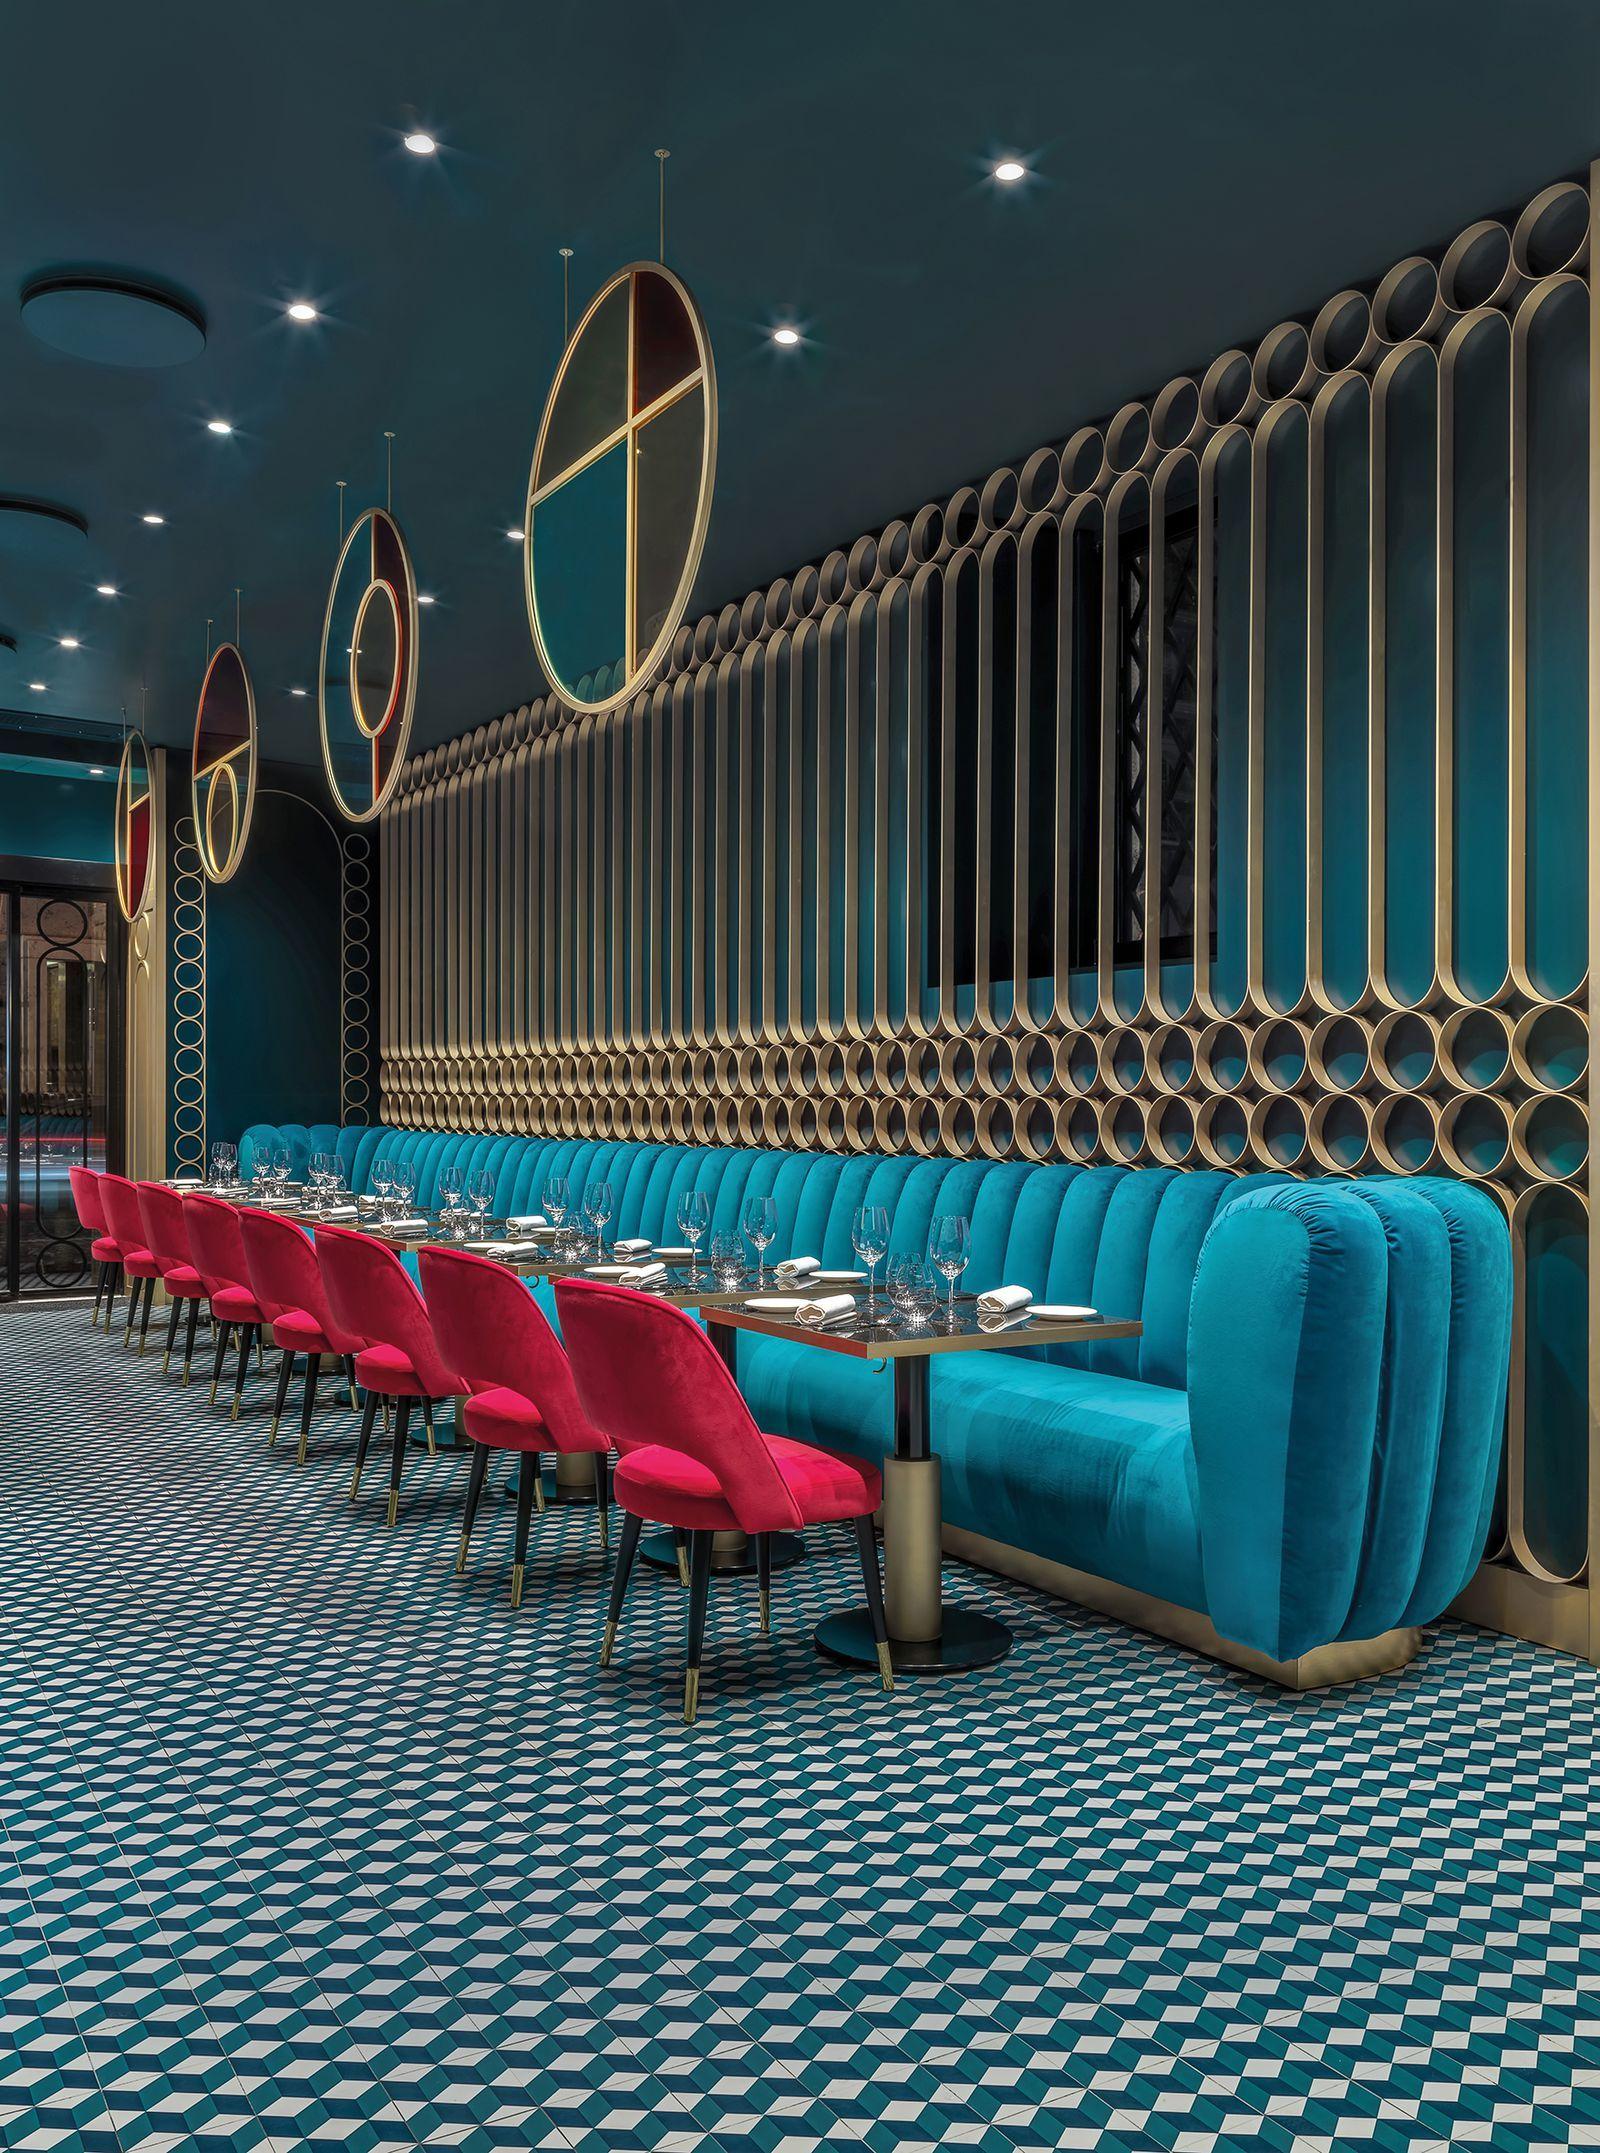 Tra centro e periferia, i nuovi ristoranti di Roma sono destinazioni dal fascino segreto